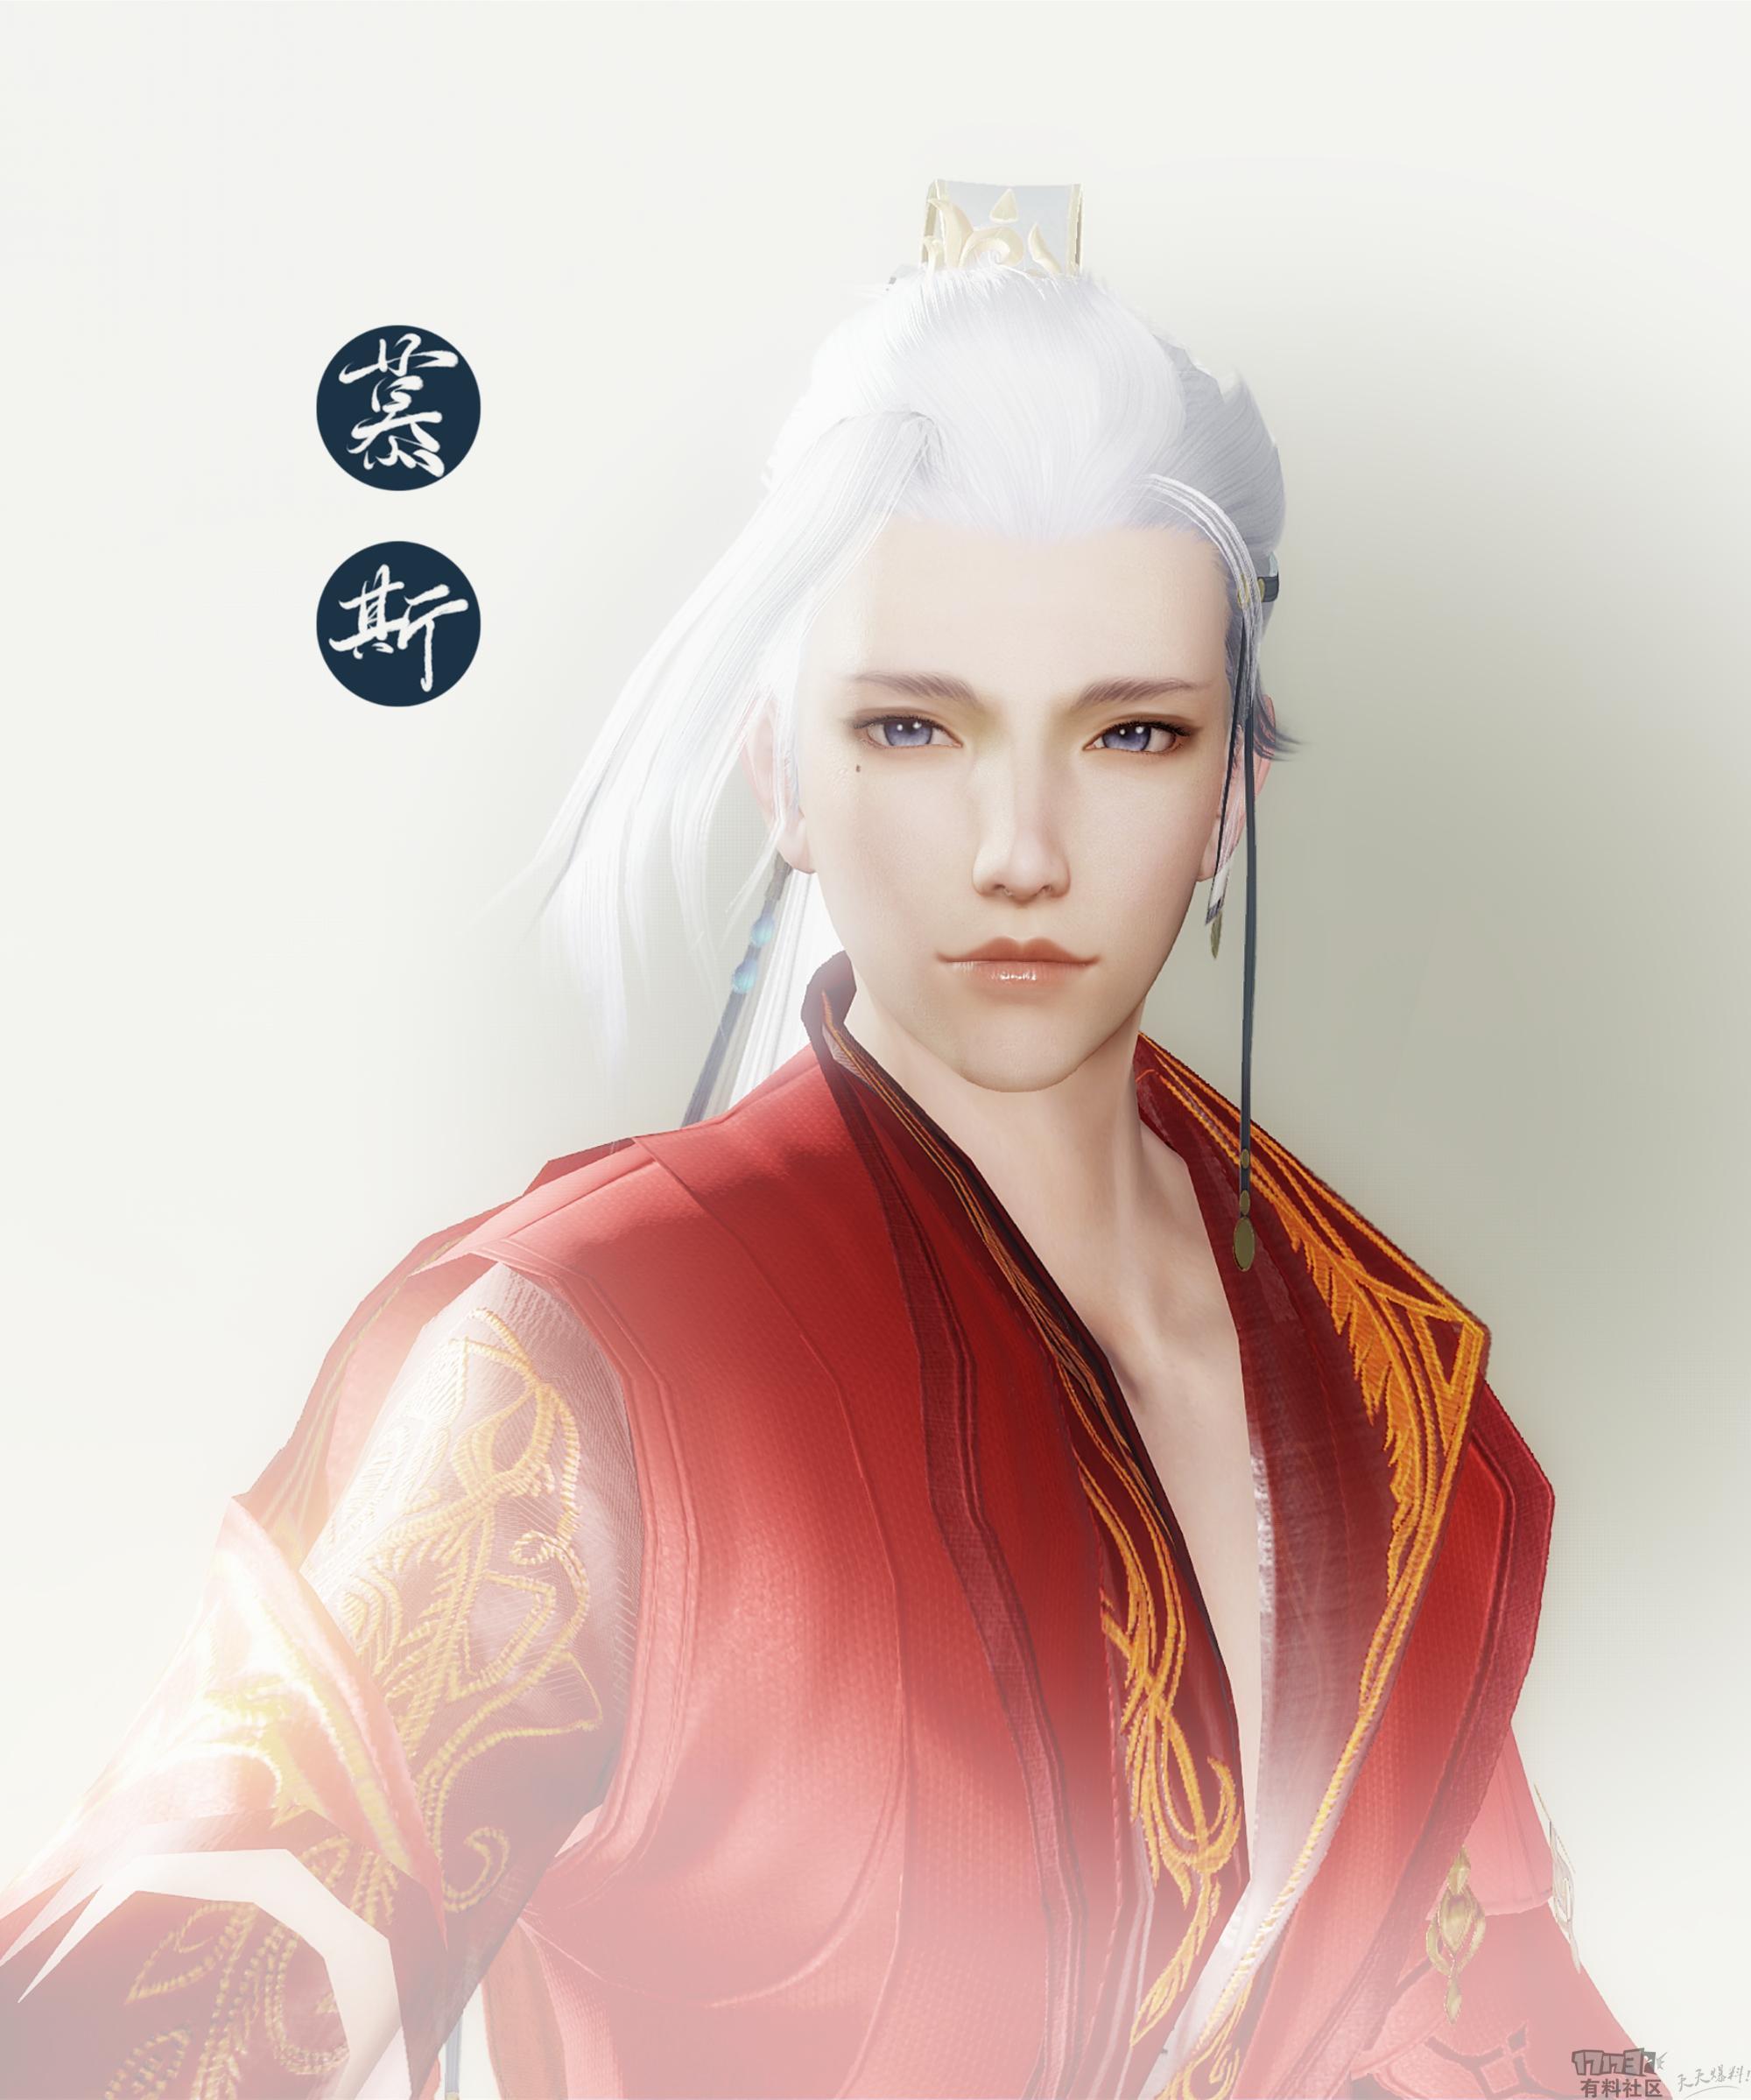 慕斯:杏向晚·子非鱼  七夕快乐!